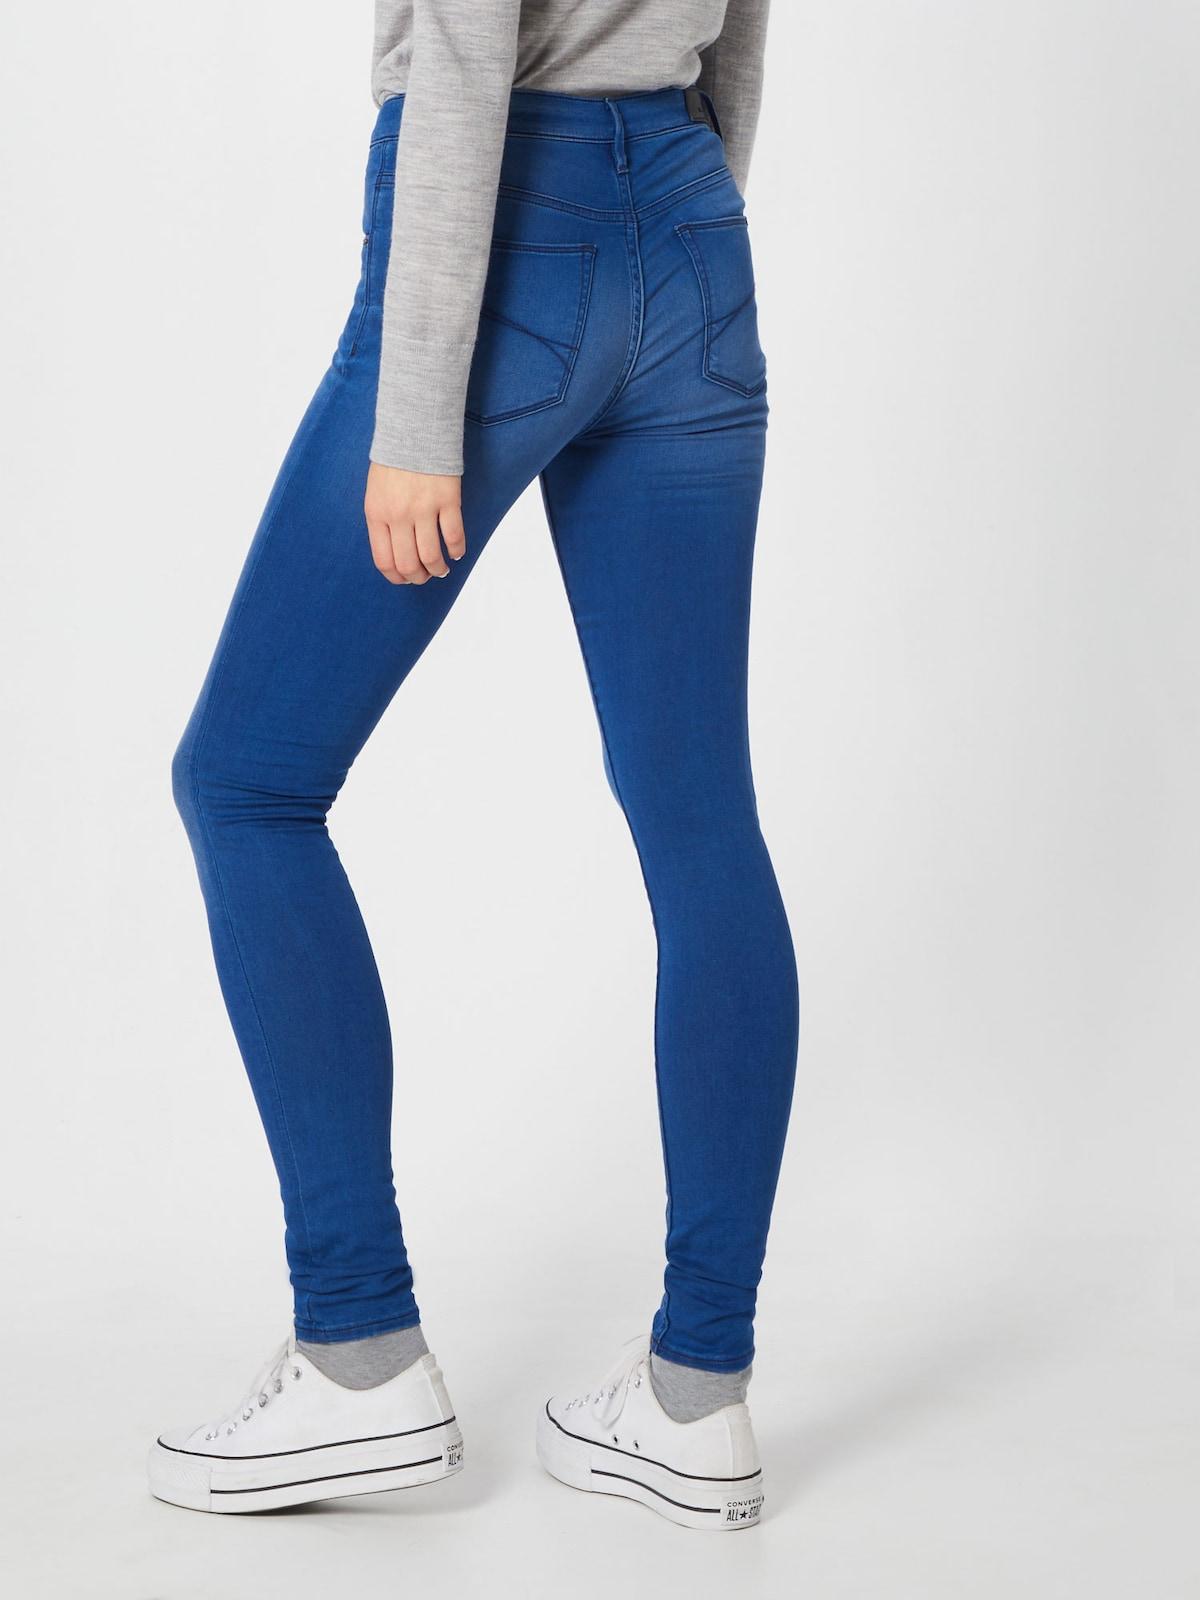 Beliebt Frauen Bekleidung GARCIA Jeans in blue denim Zum Verkauf